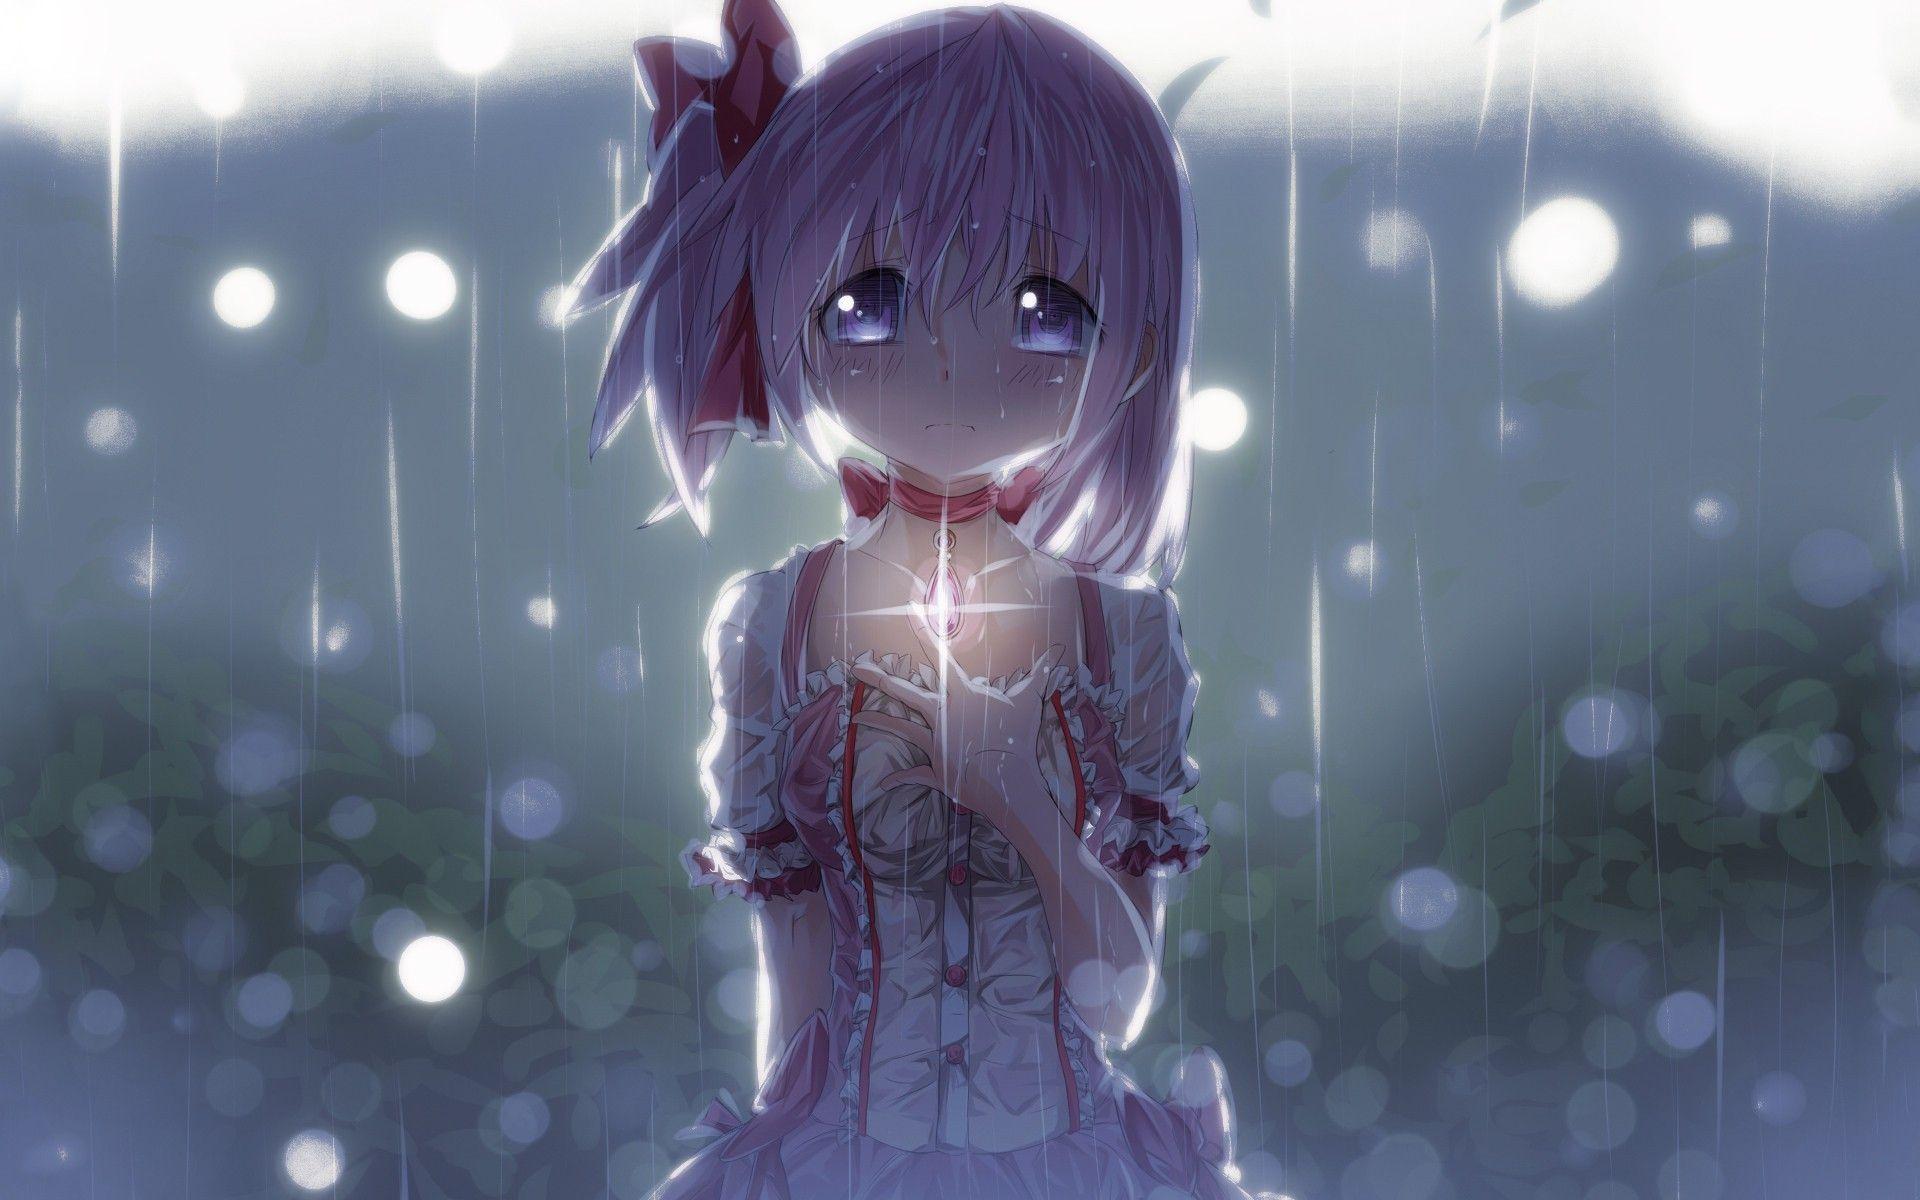 Hình ảnh anime Girl buồn 02